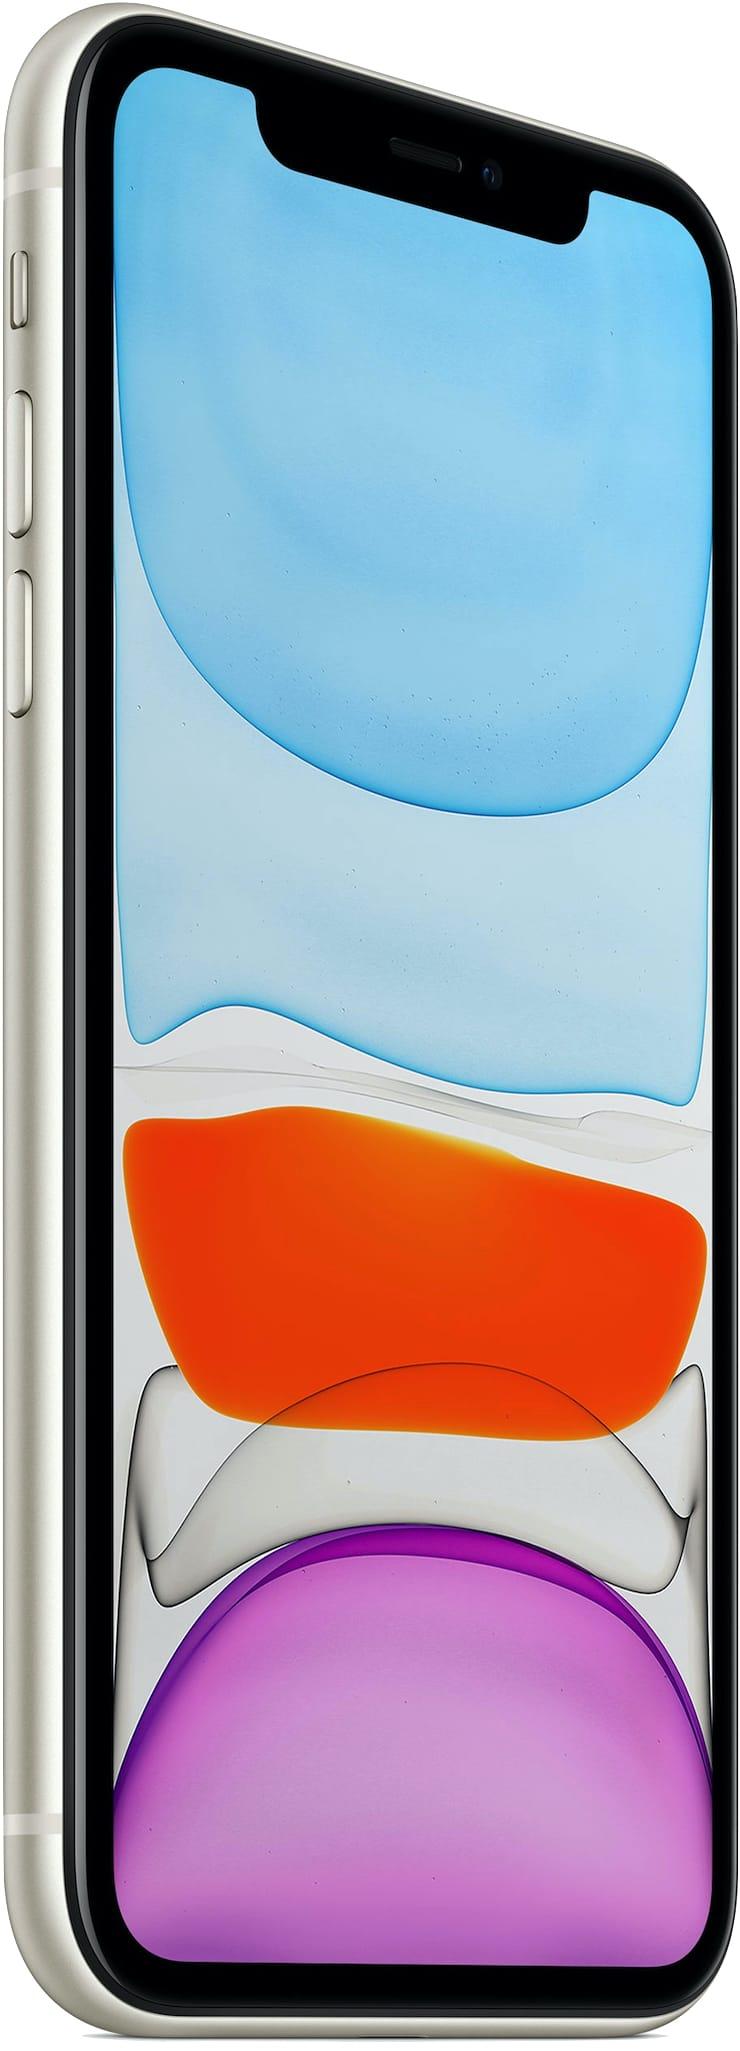 Лучший iPhone в 2021 году: сравнение + какие Айфоны нельзя покупать